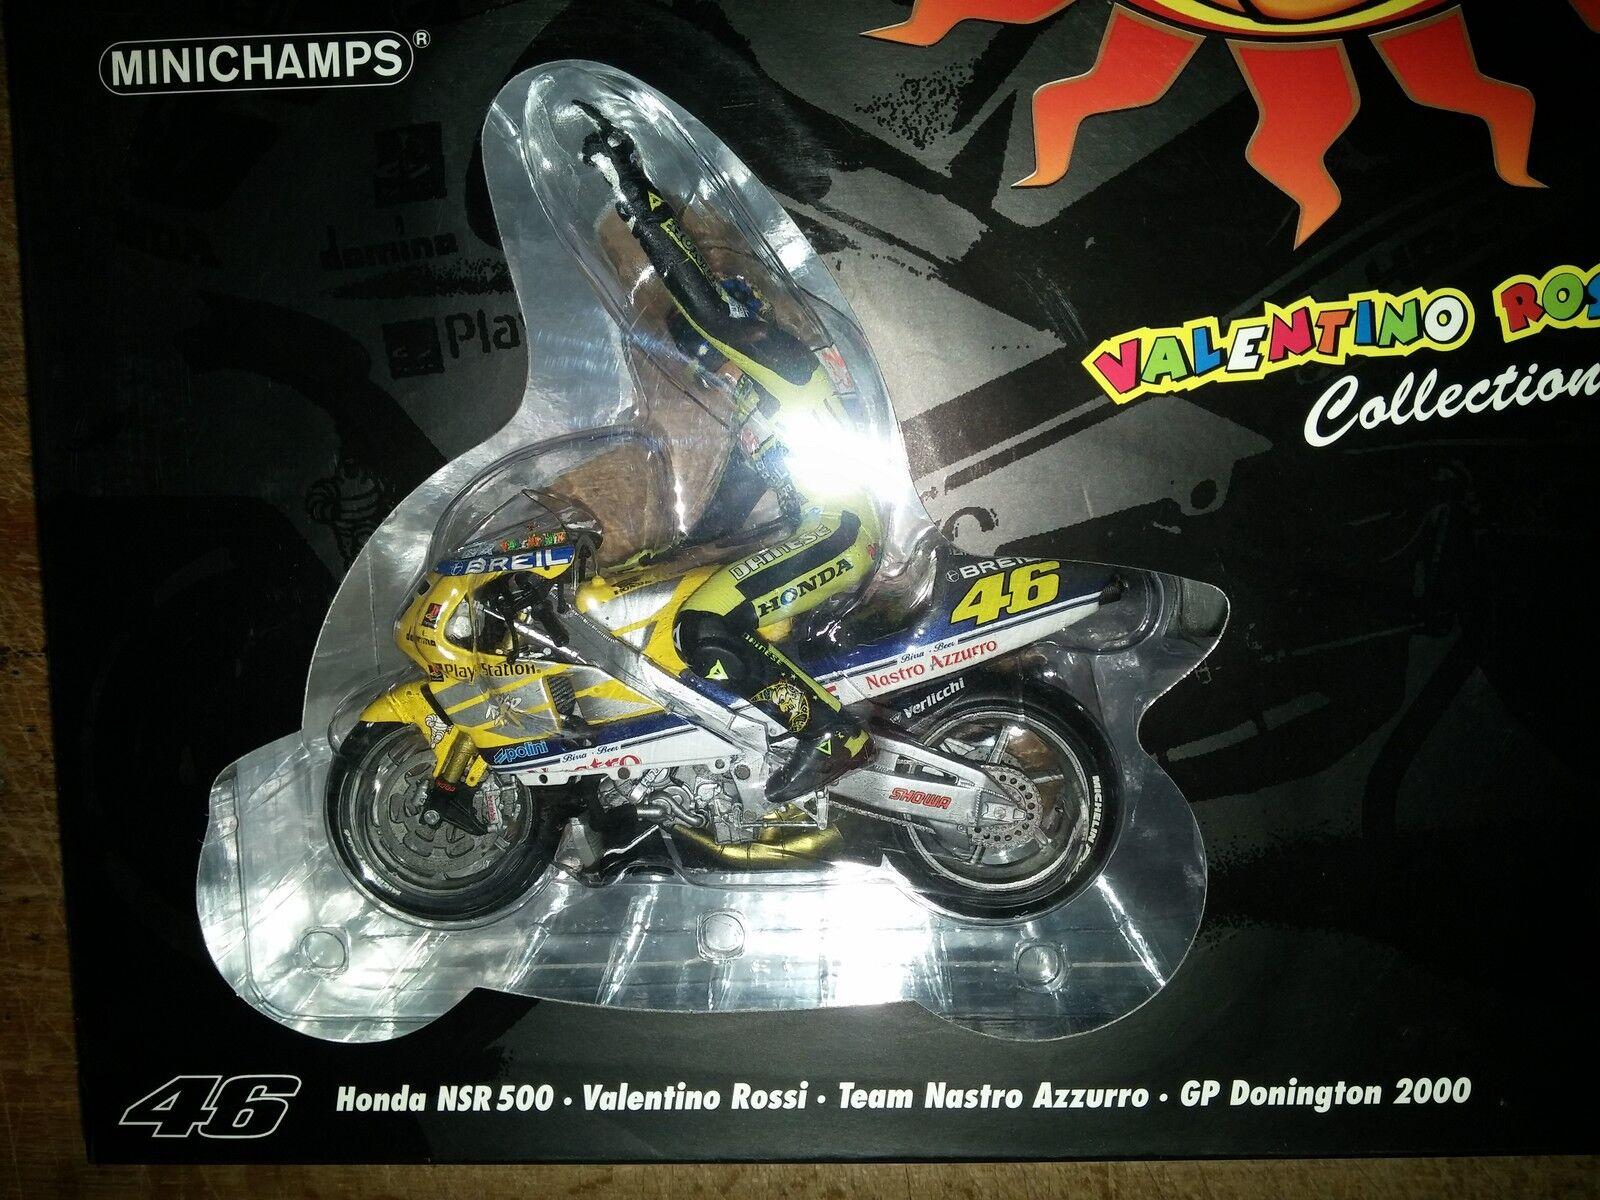 Minichamps 006196bx honda NSR500 modèle modèle modèle de moto rossi 1st gp win donington 2000 1 12 c6895c